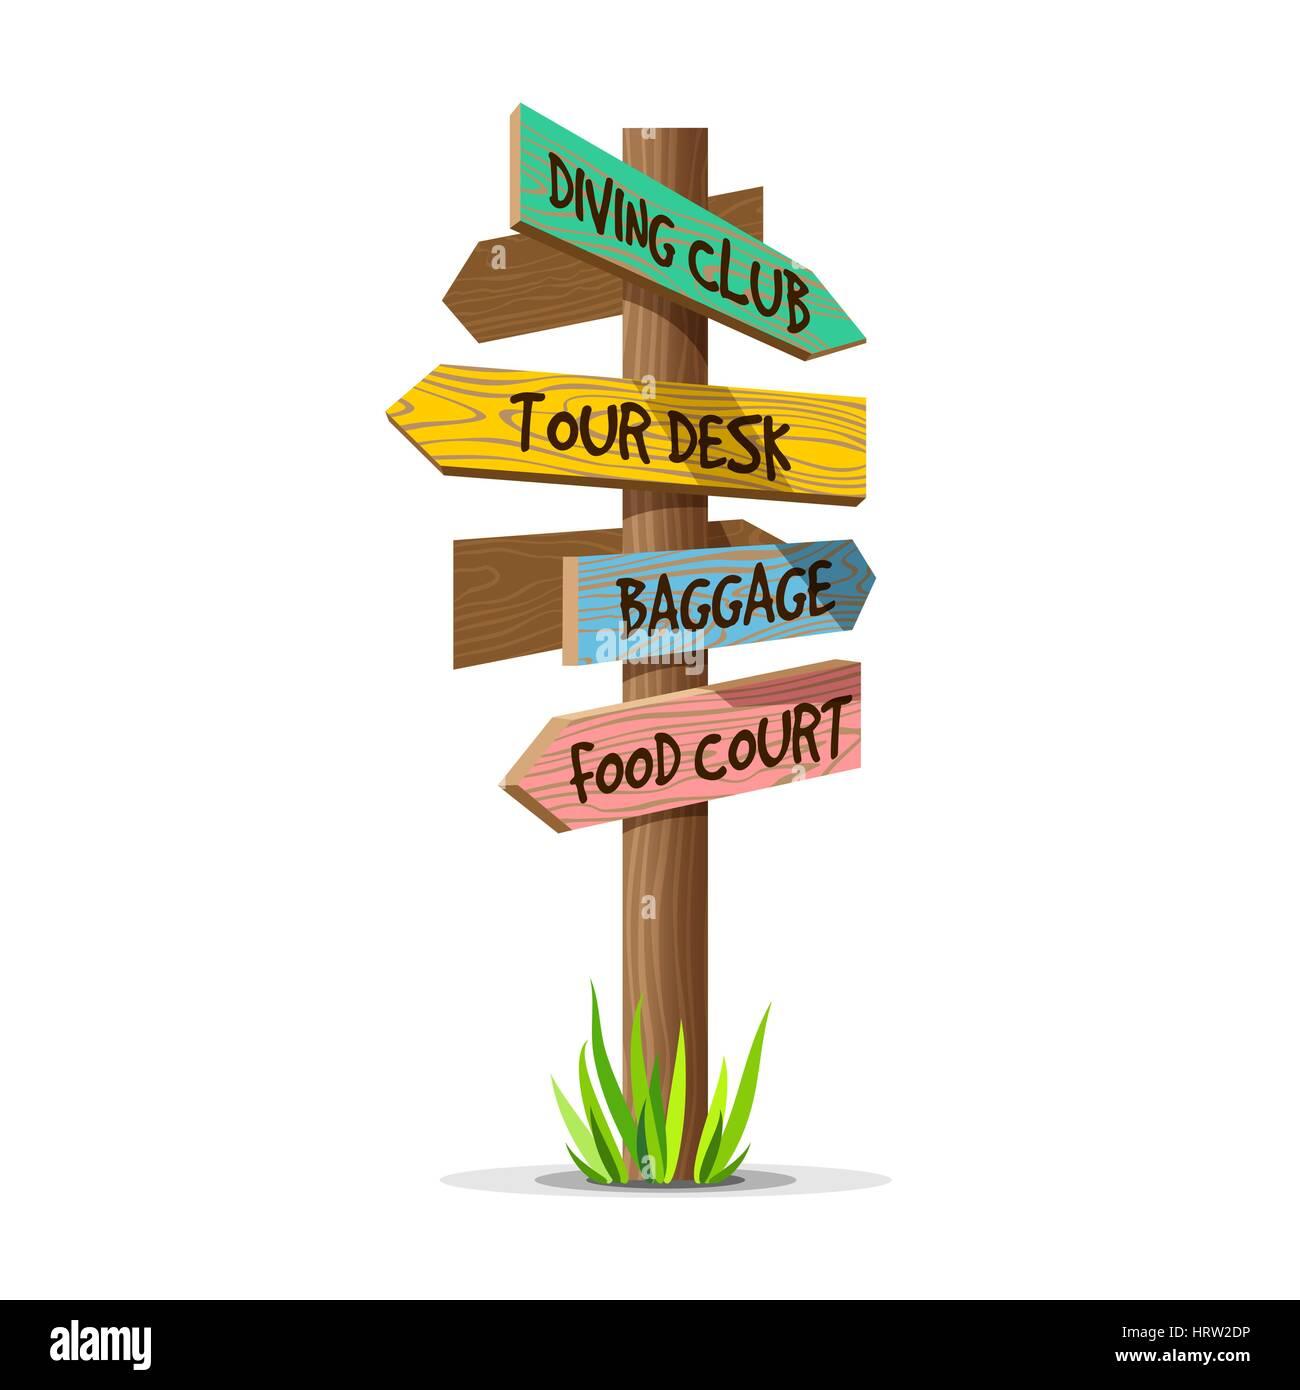 Colored wooden arrow vector resort signboard - Stock Image